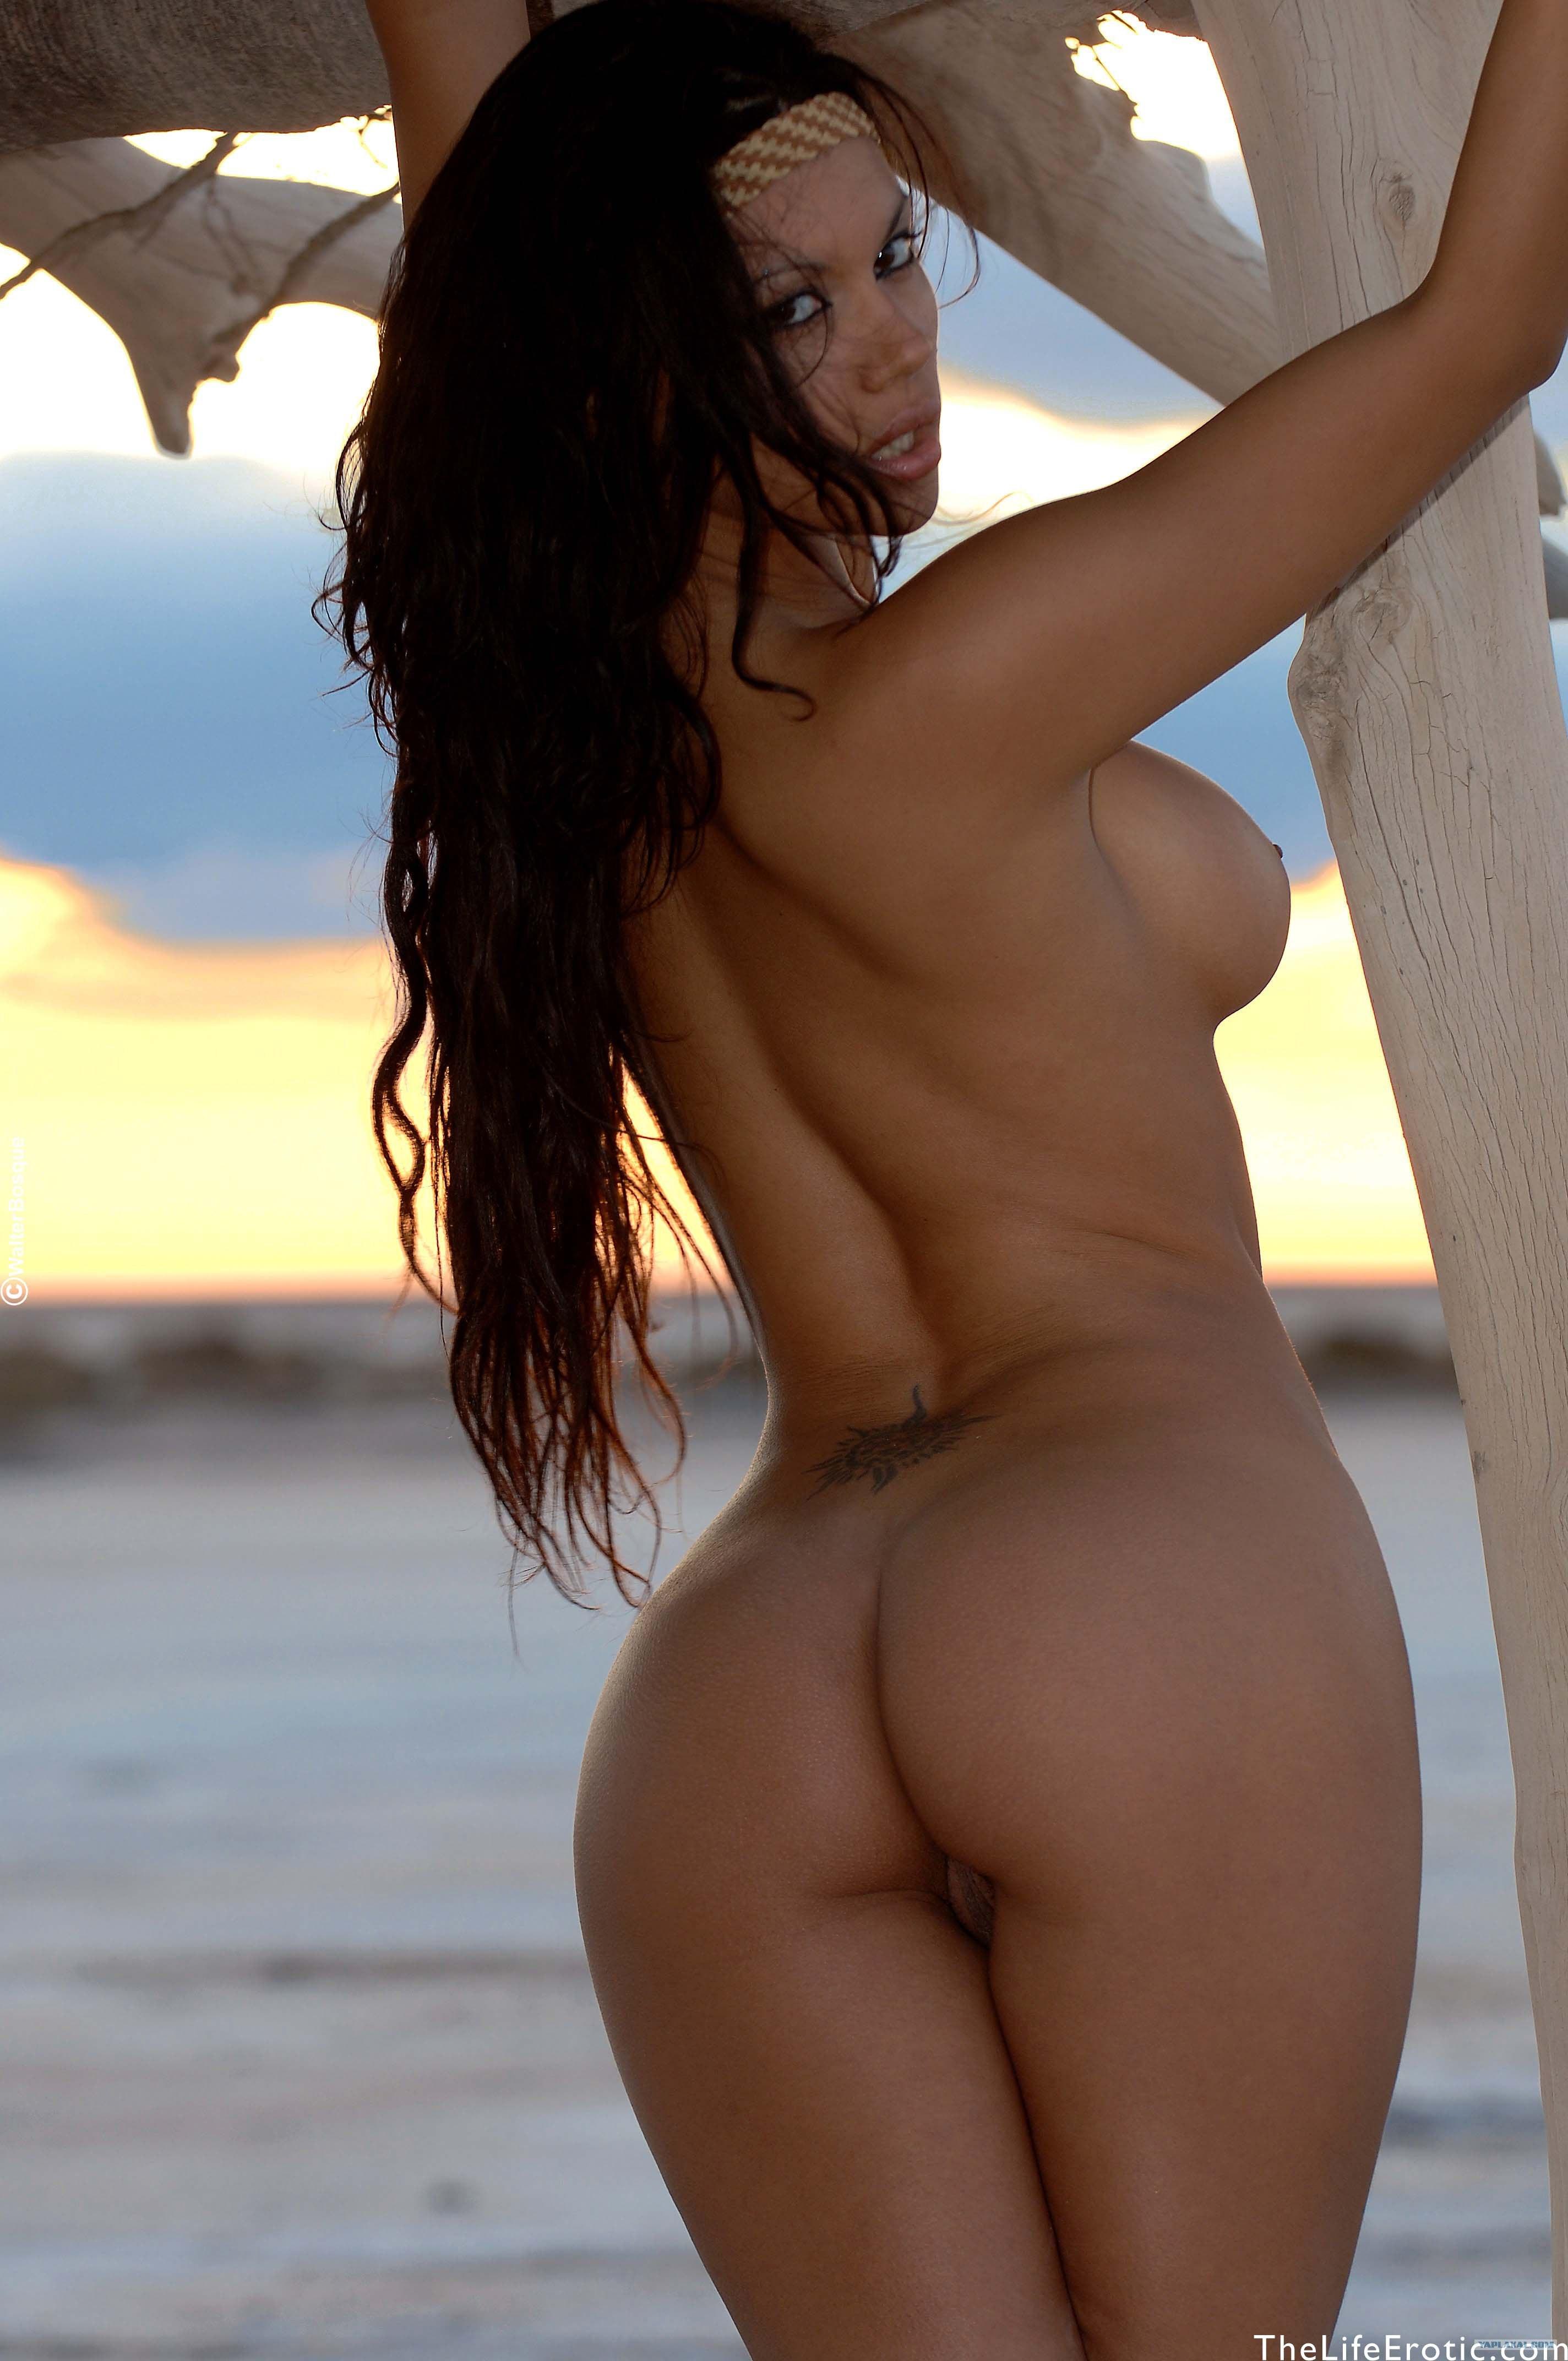 Фото голых девушек на пляже брюнетки 1 фотография